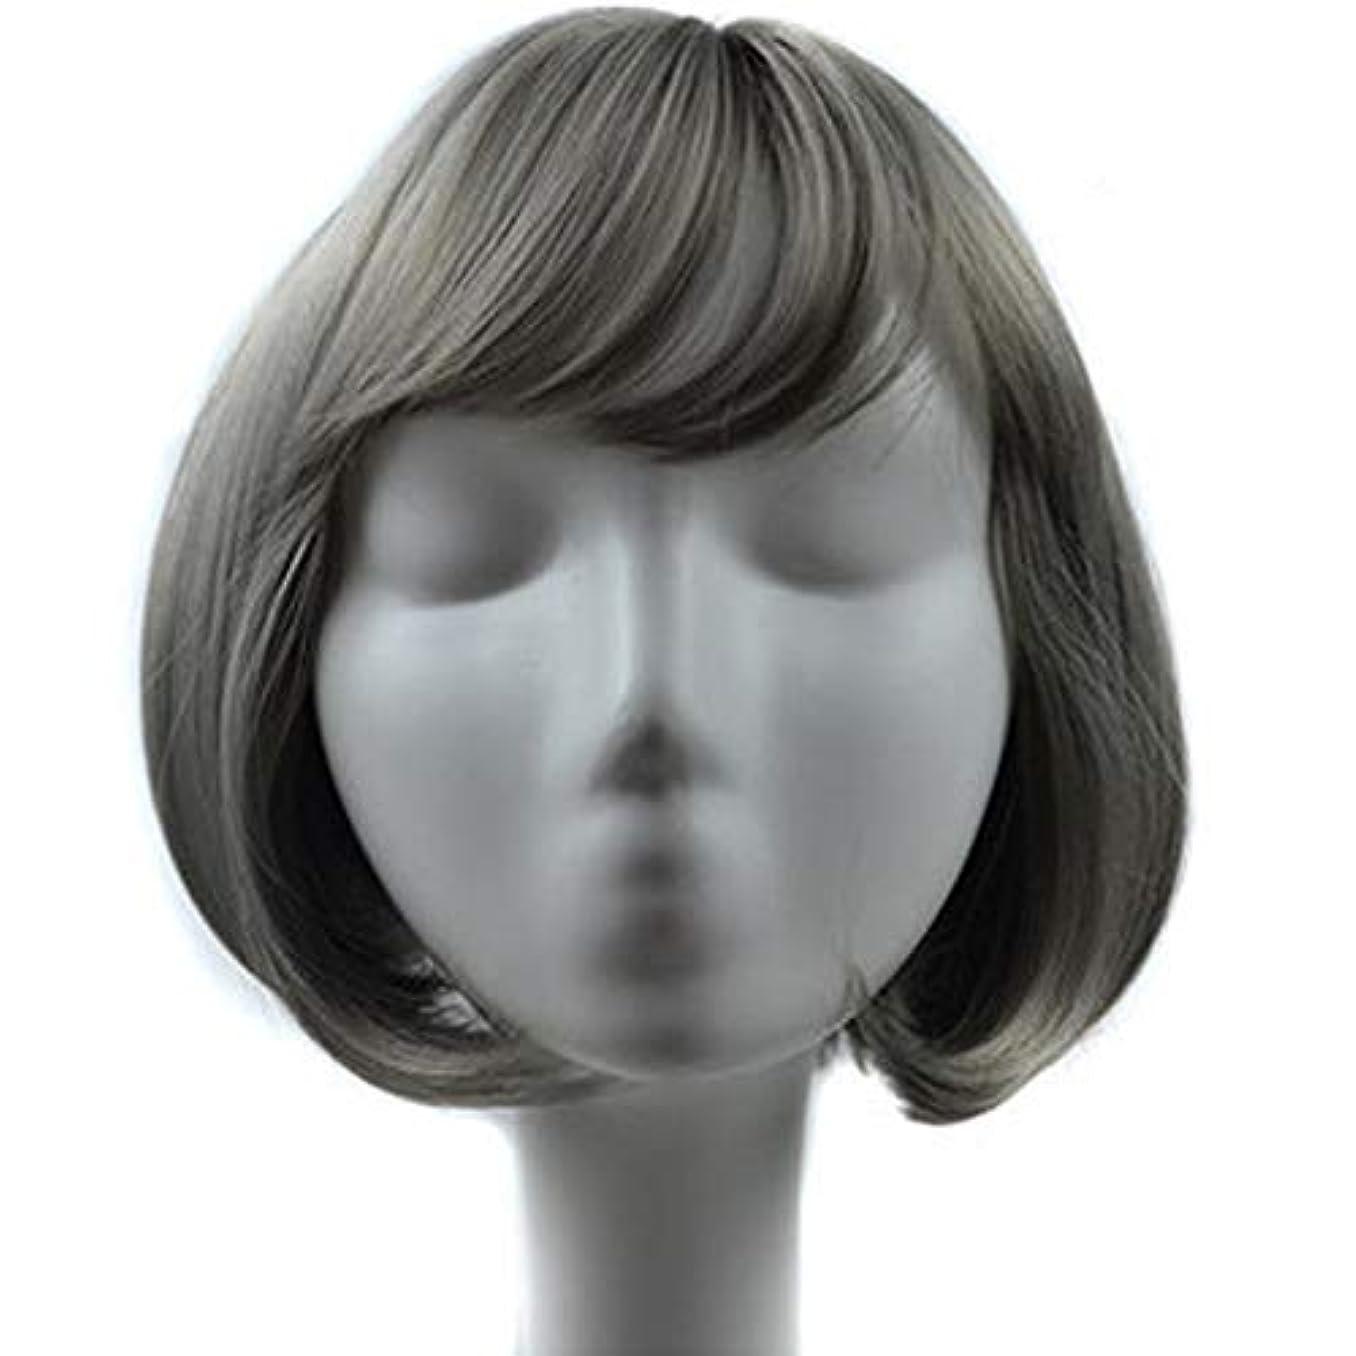 どうやら砂の定期的Lazayyii女子 かつら エアバン 天然のリアル ヘア前髪エアバンボボヘッドナシウィッグ (グレー)